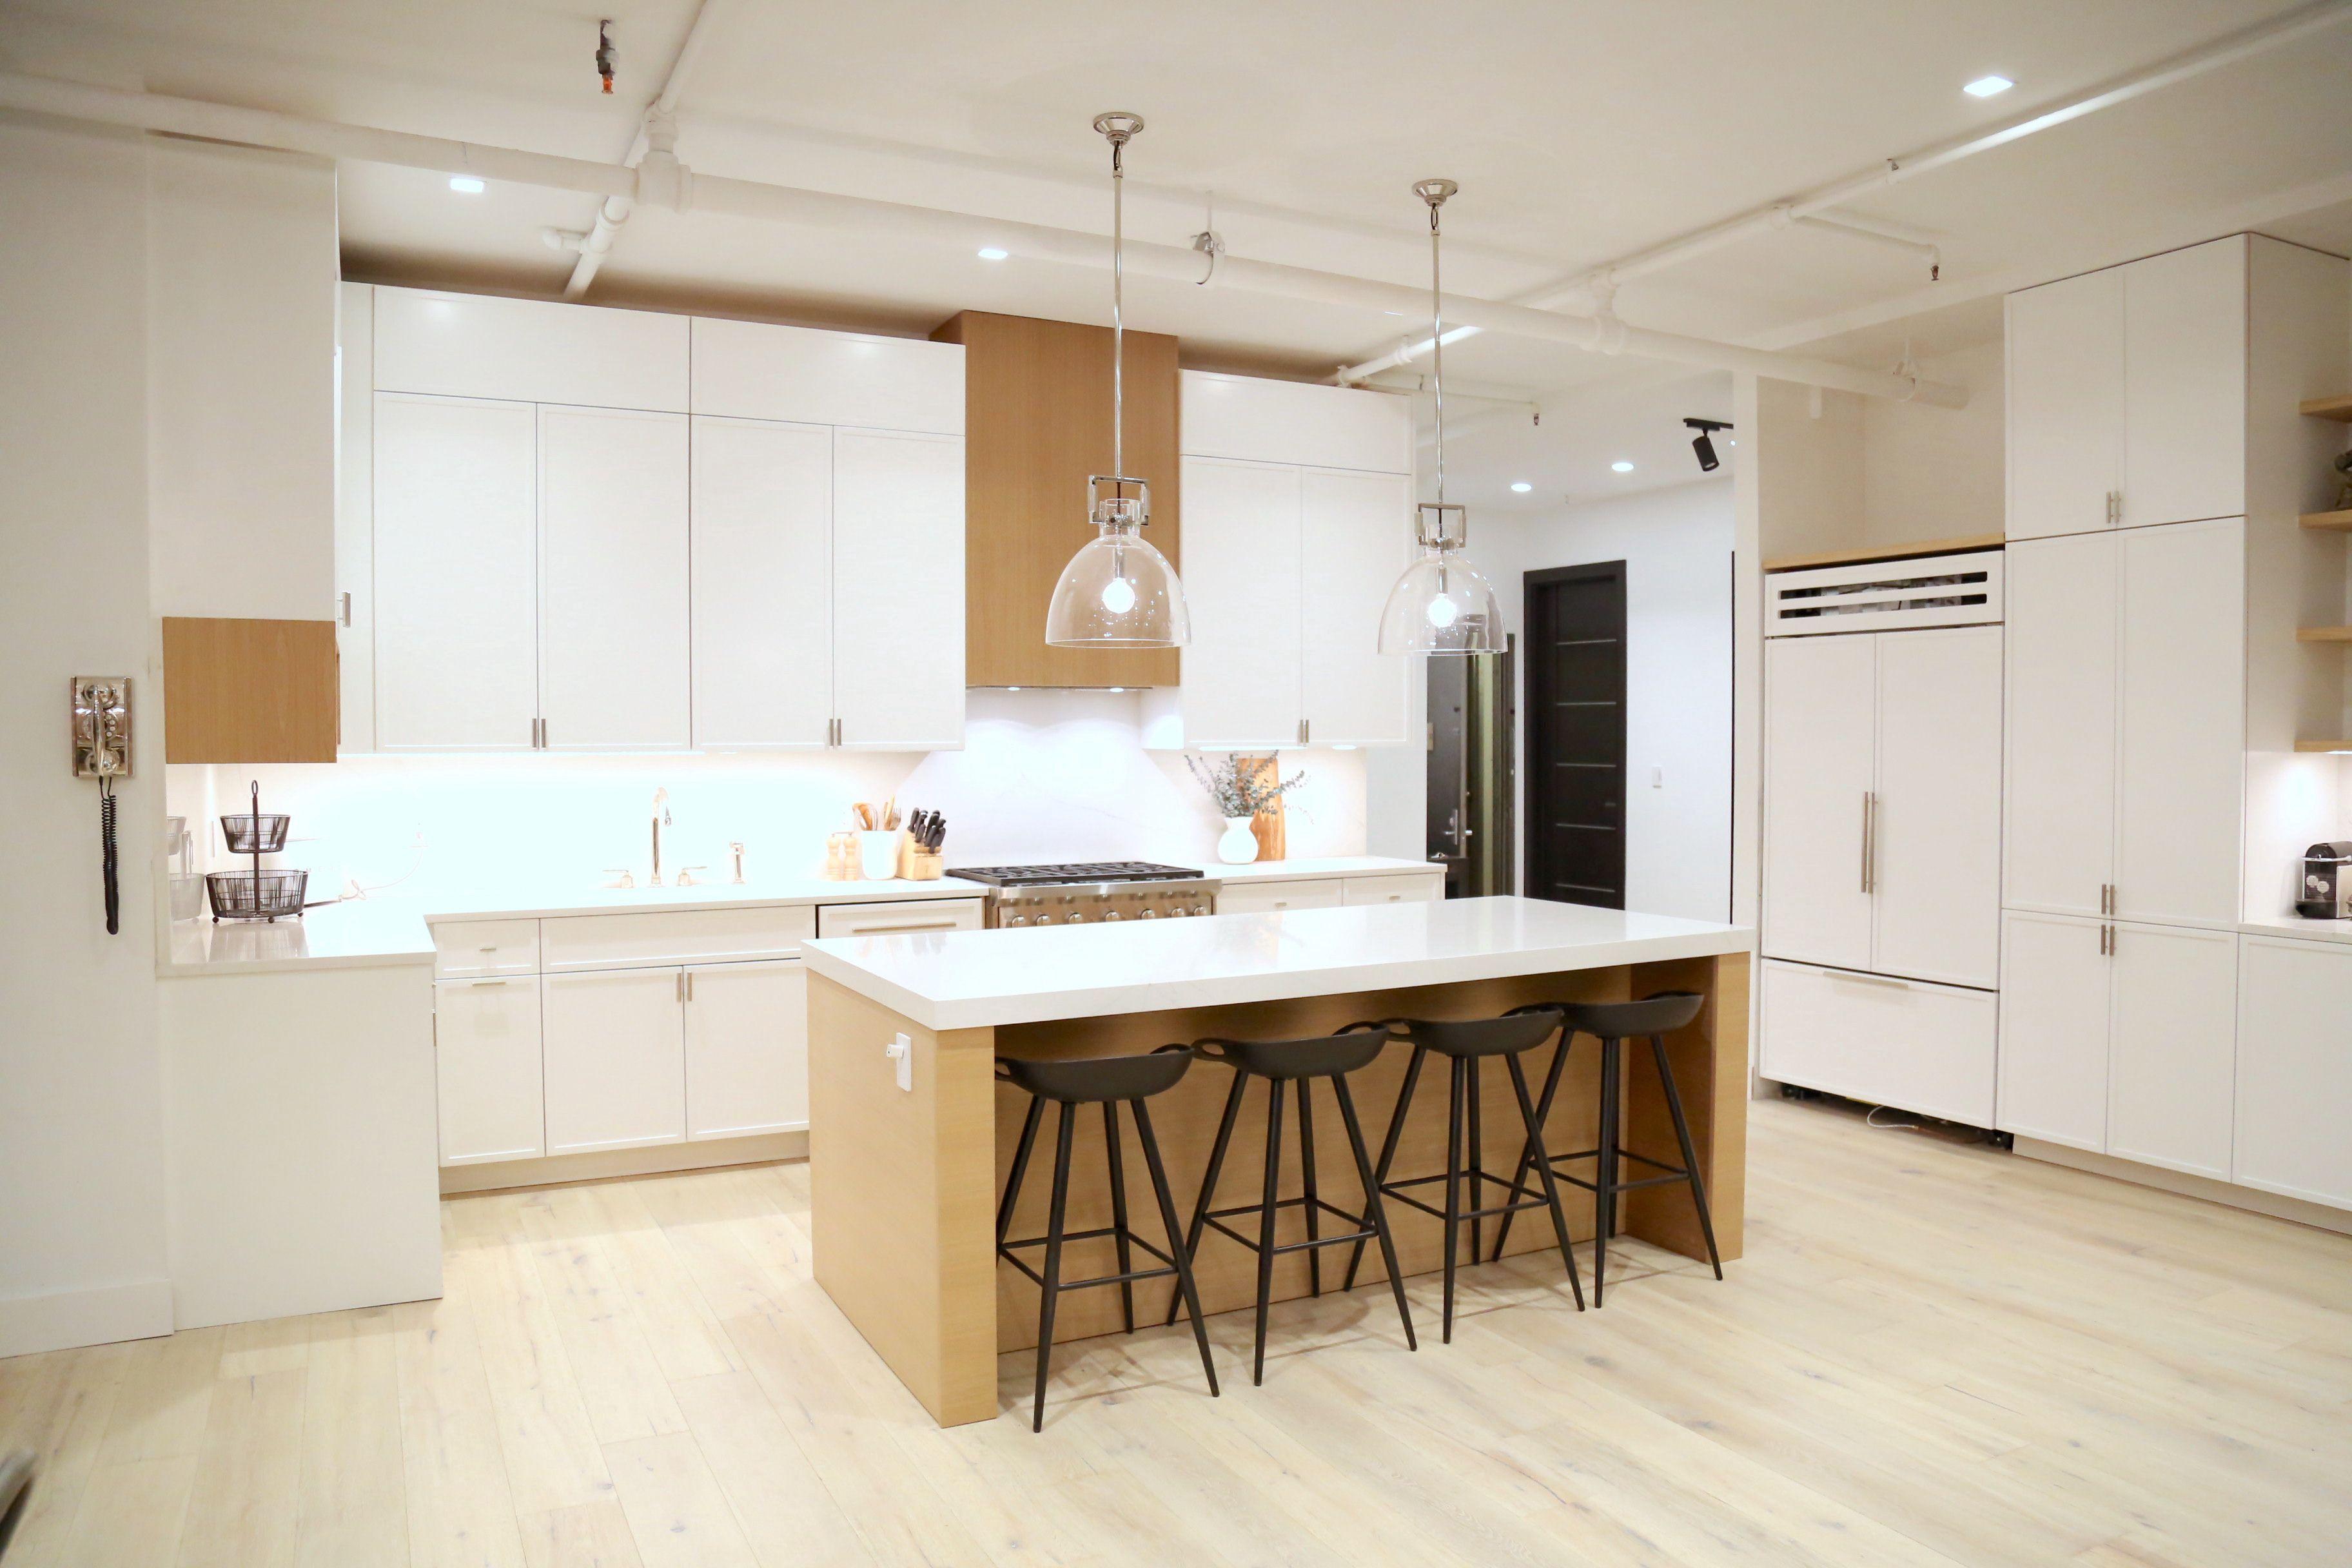 - Custom White Shaker Cabinets Over Rift White Oak Floating Shelves